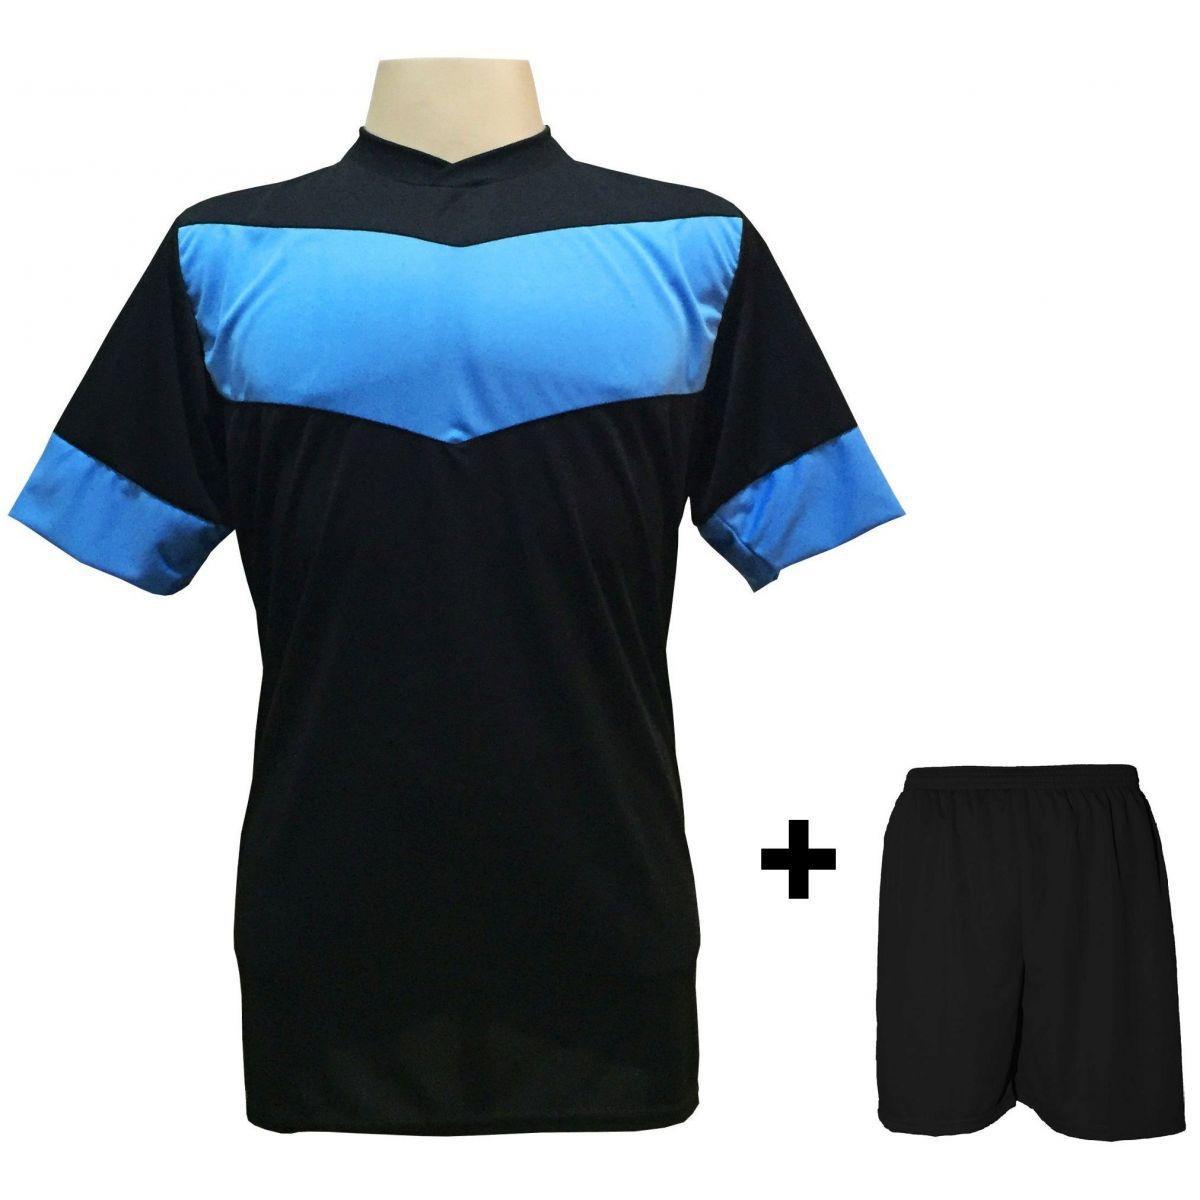 34bc51789f0df Uniforme Esportivo com 18 camisas modelo Columbus Preto Celeste + 18  calções modelo Madrid + 1 Goleiro + Brindes - Gazza - Futebol - Magazine  Luiza